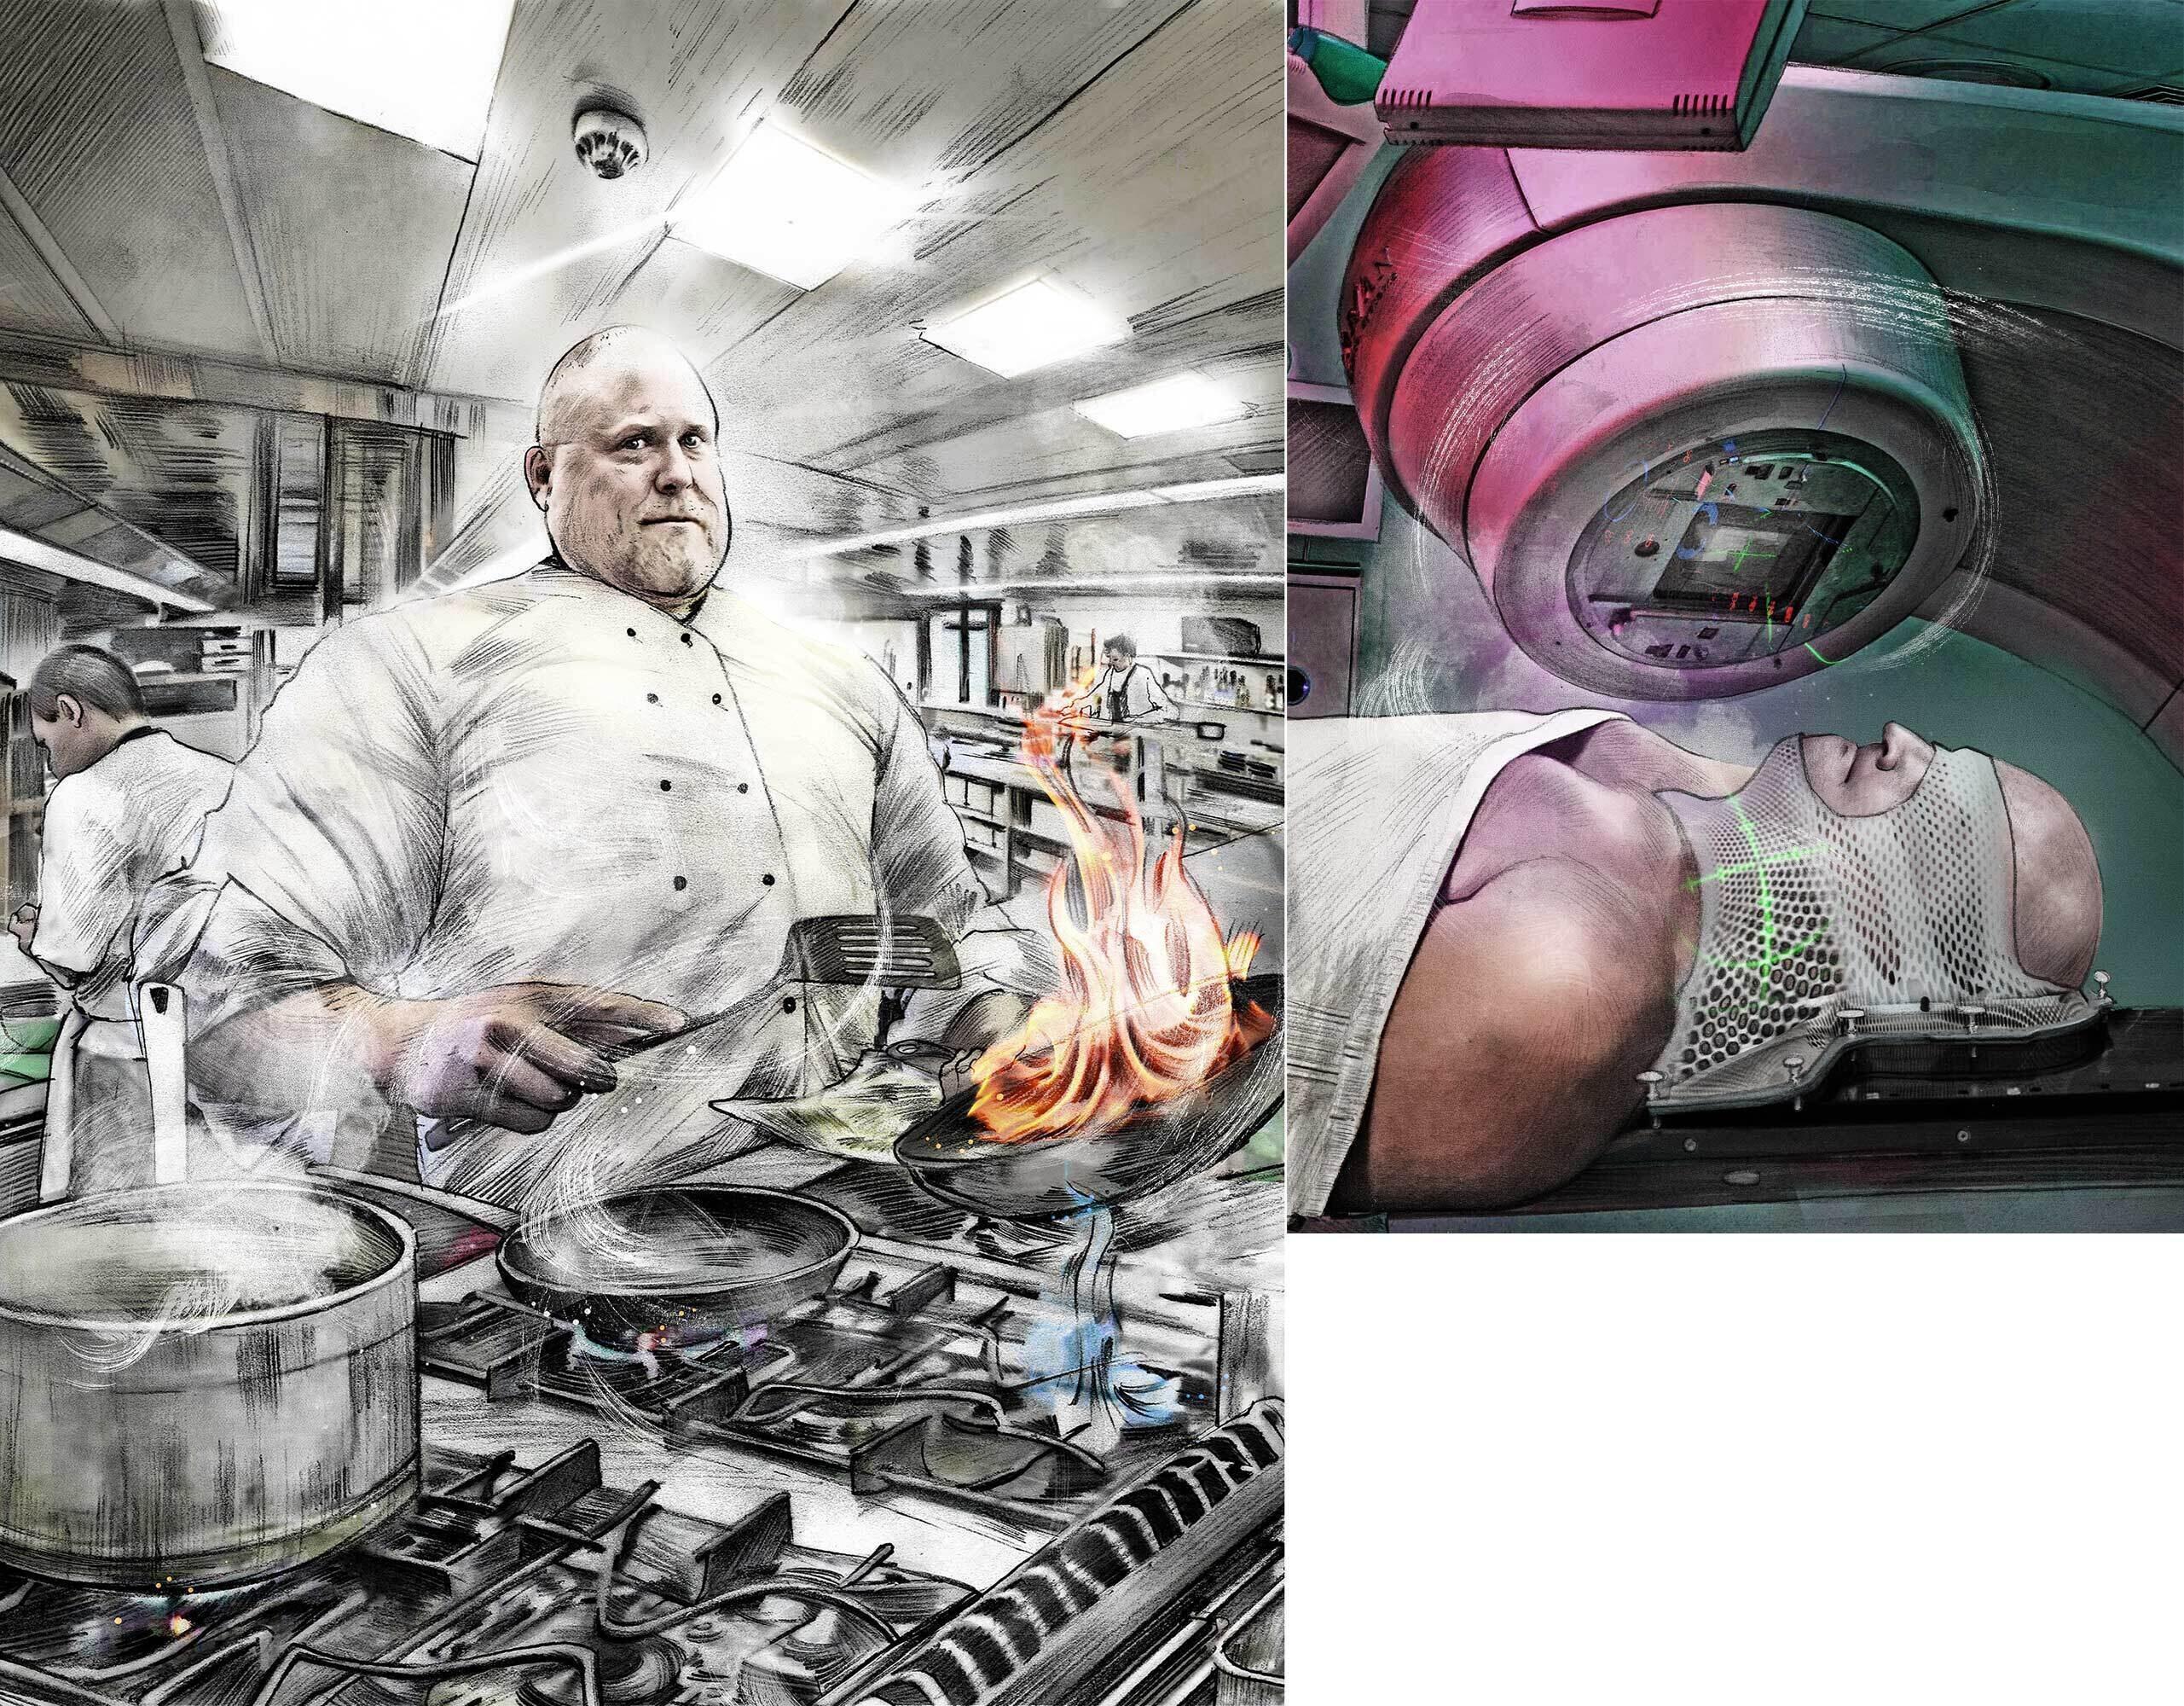 Koch radioonkologie bestrahlung krebs - Kornel Illustration | Kornel Stadler portfolio